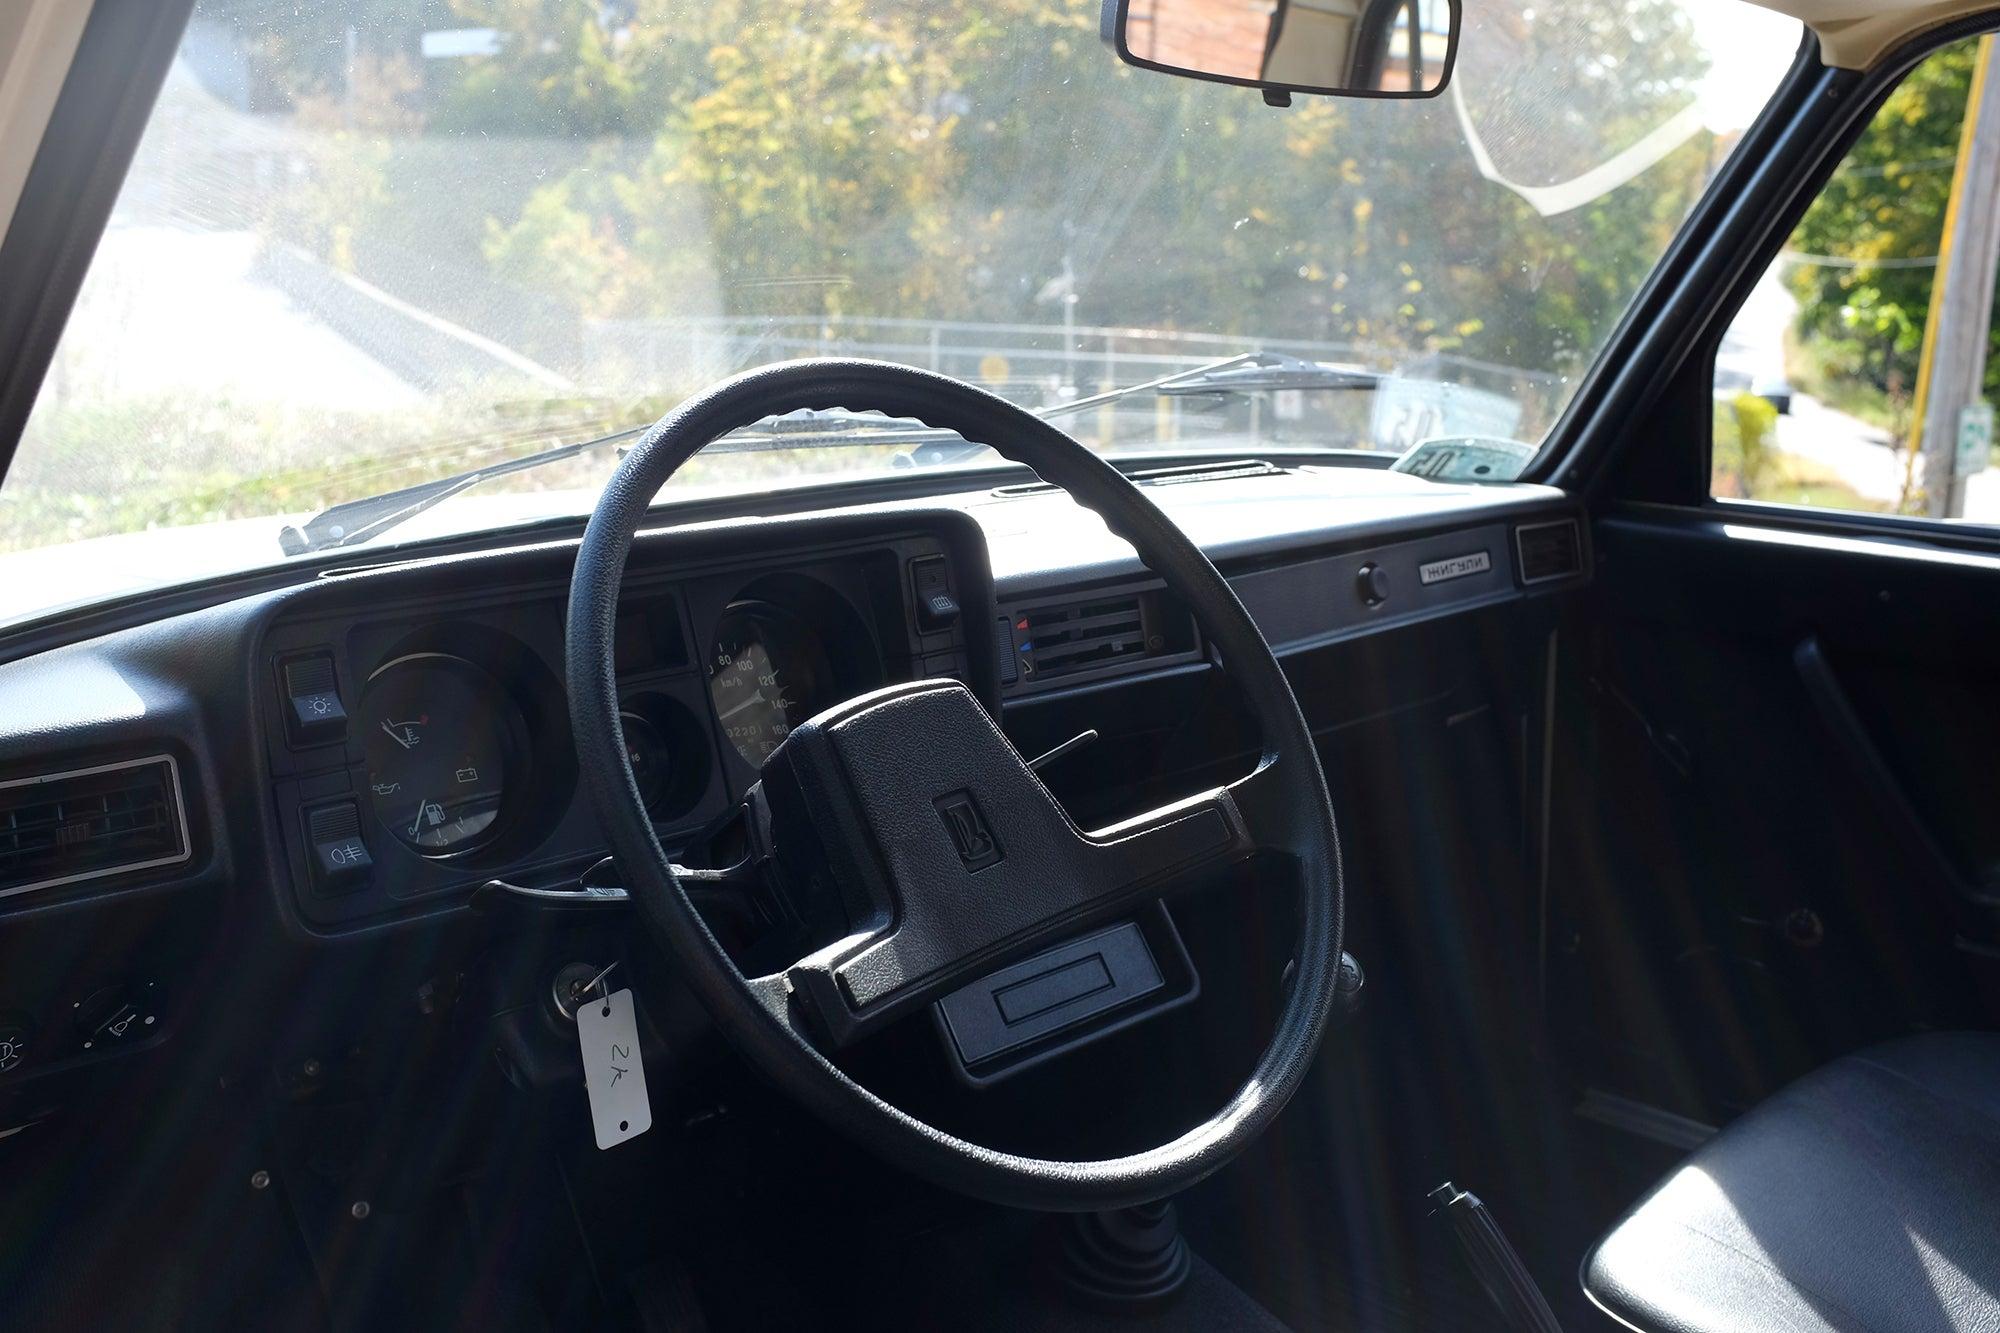 Lada VAZ 2105 interior